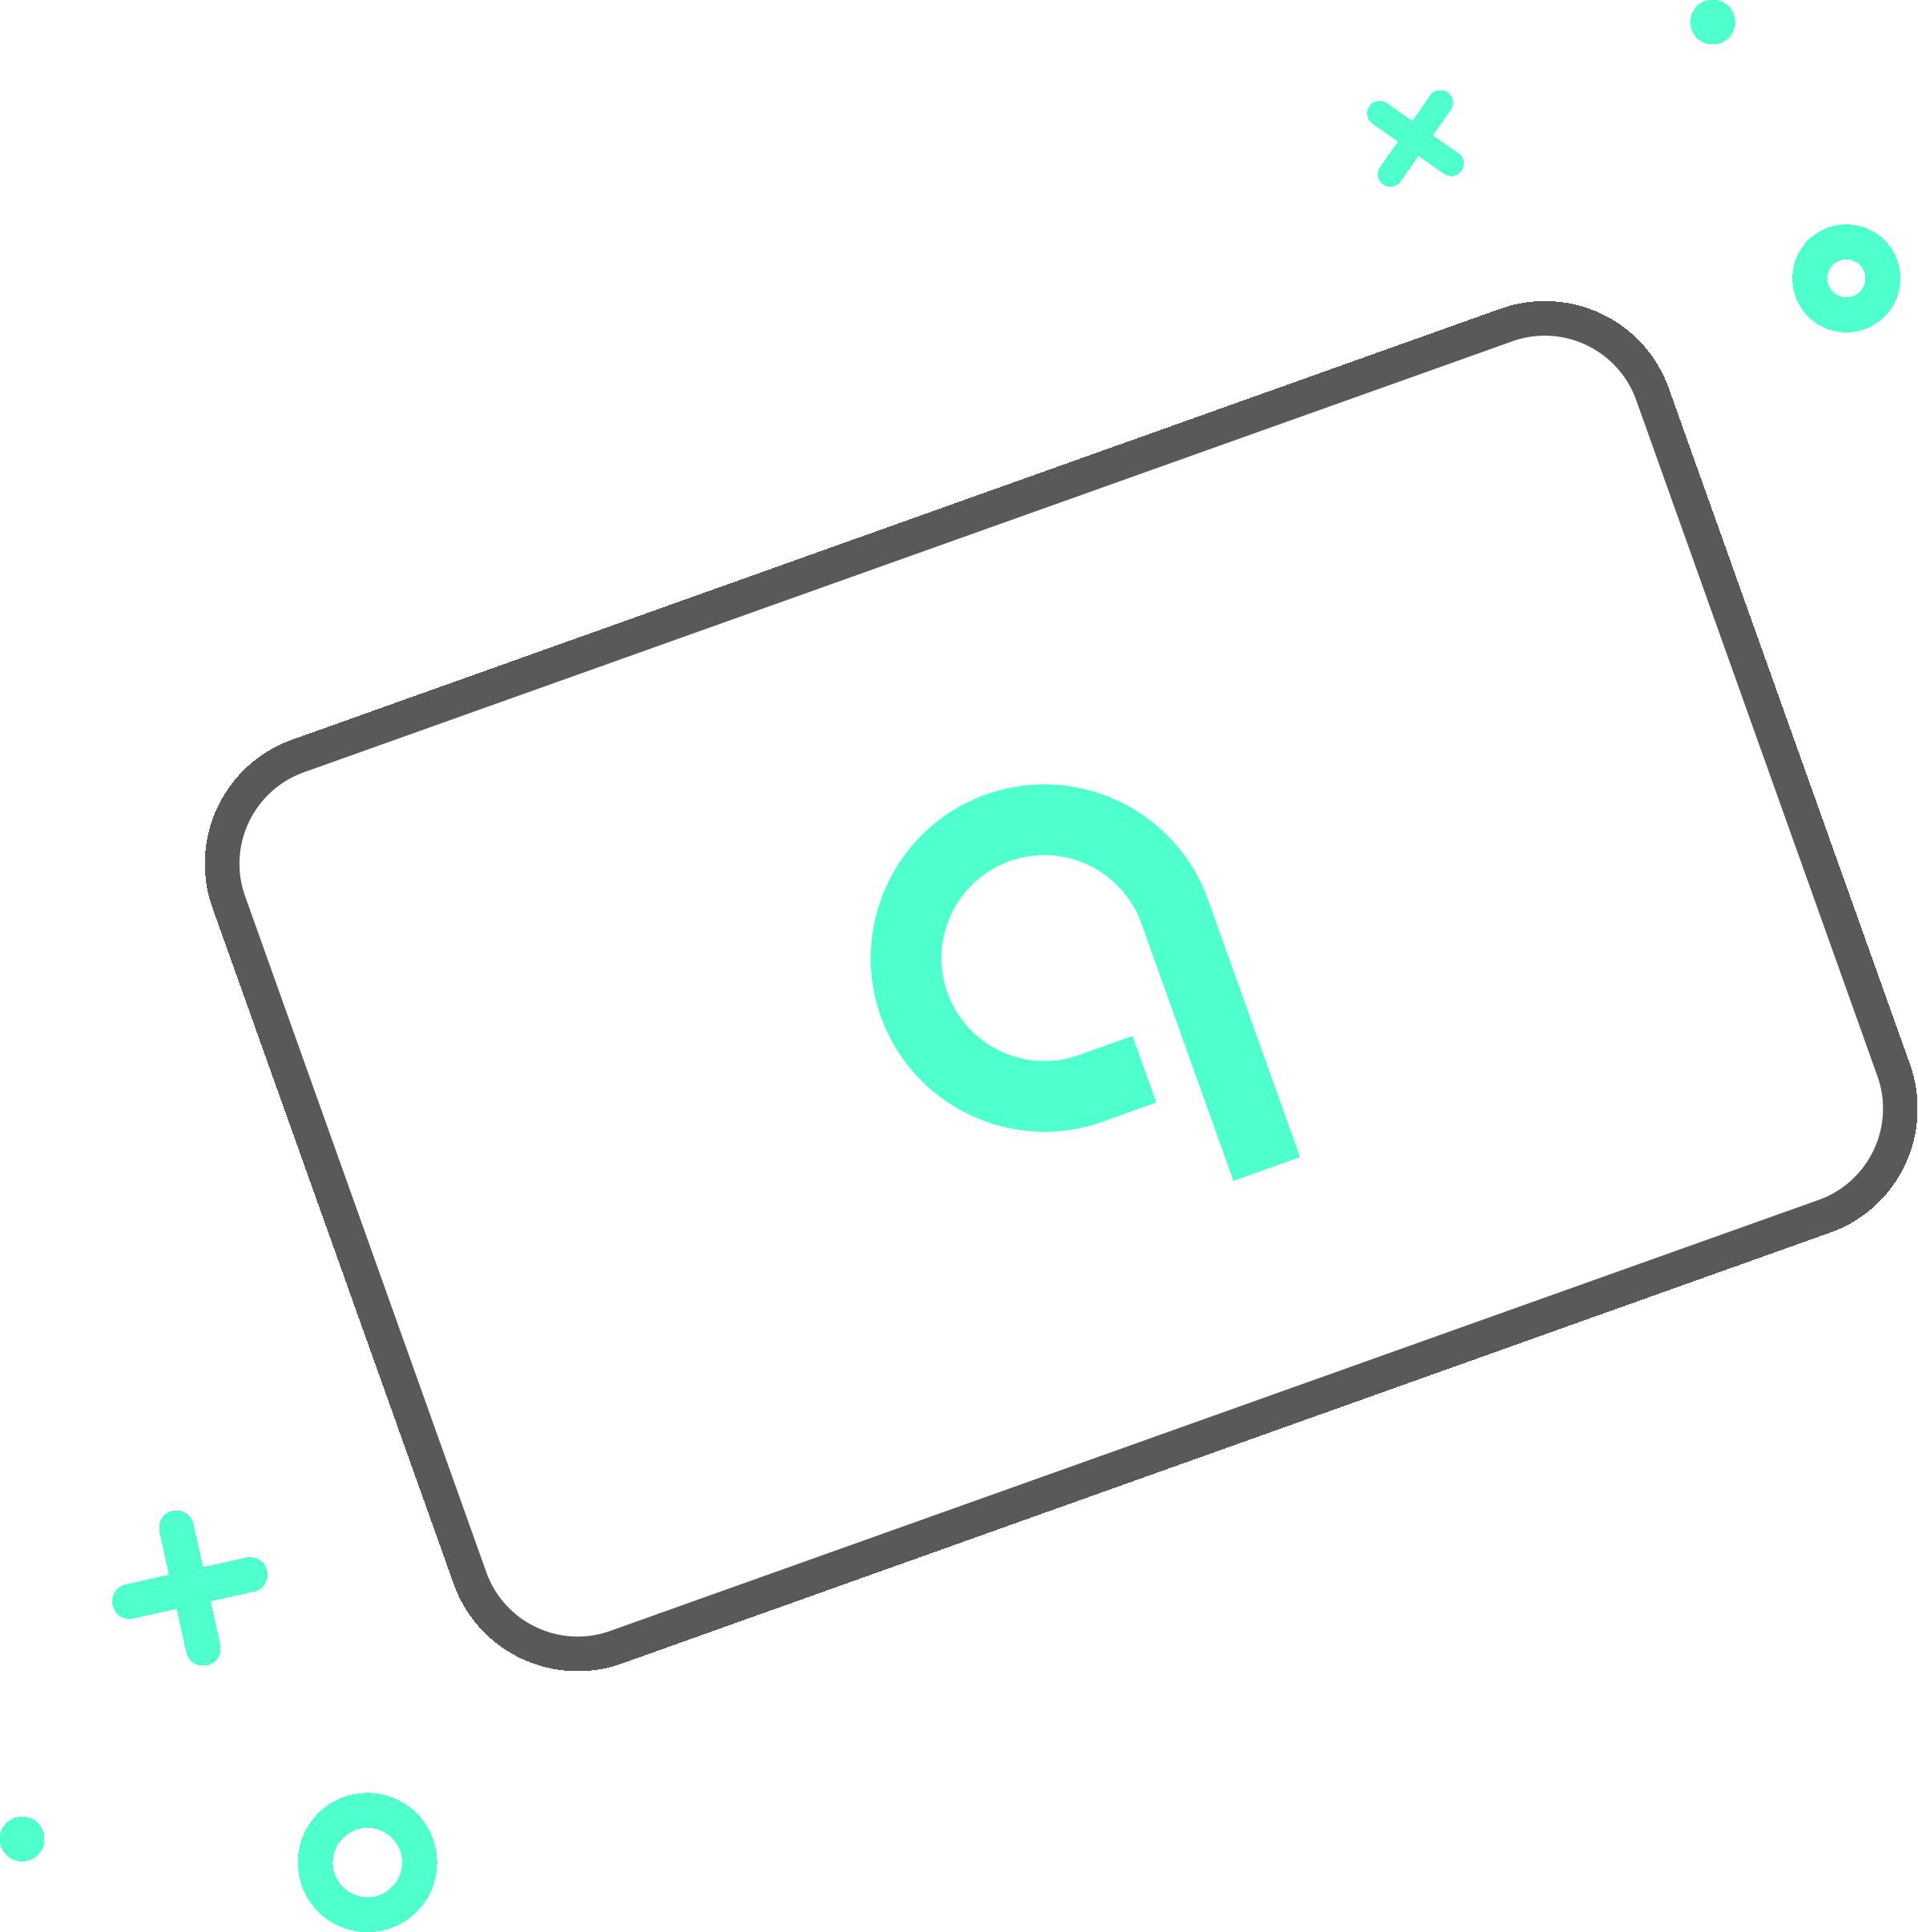 quip card image